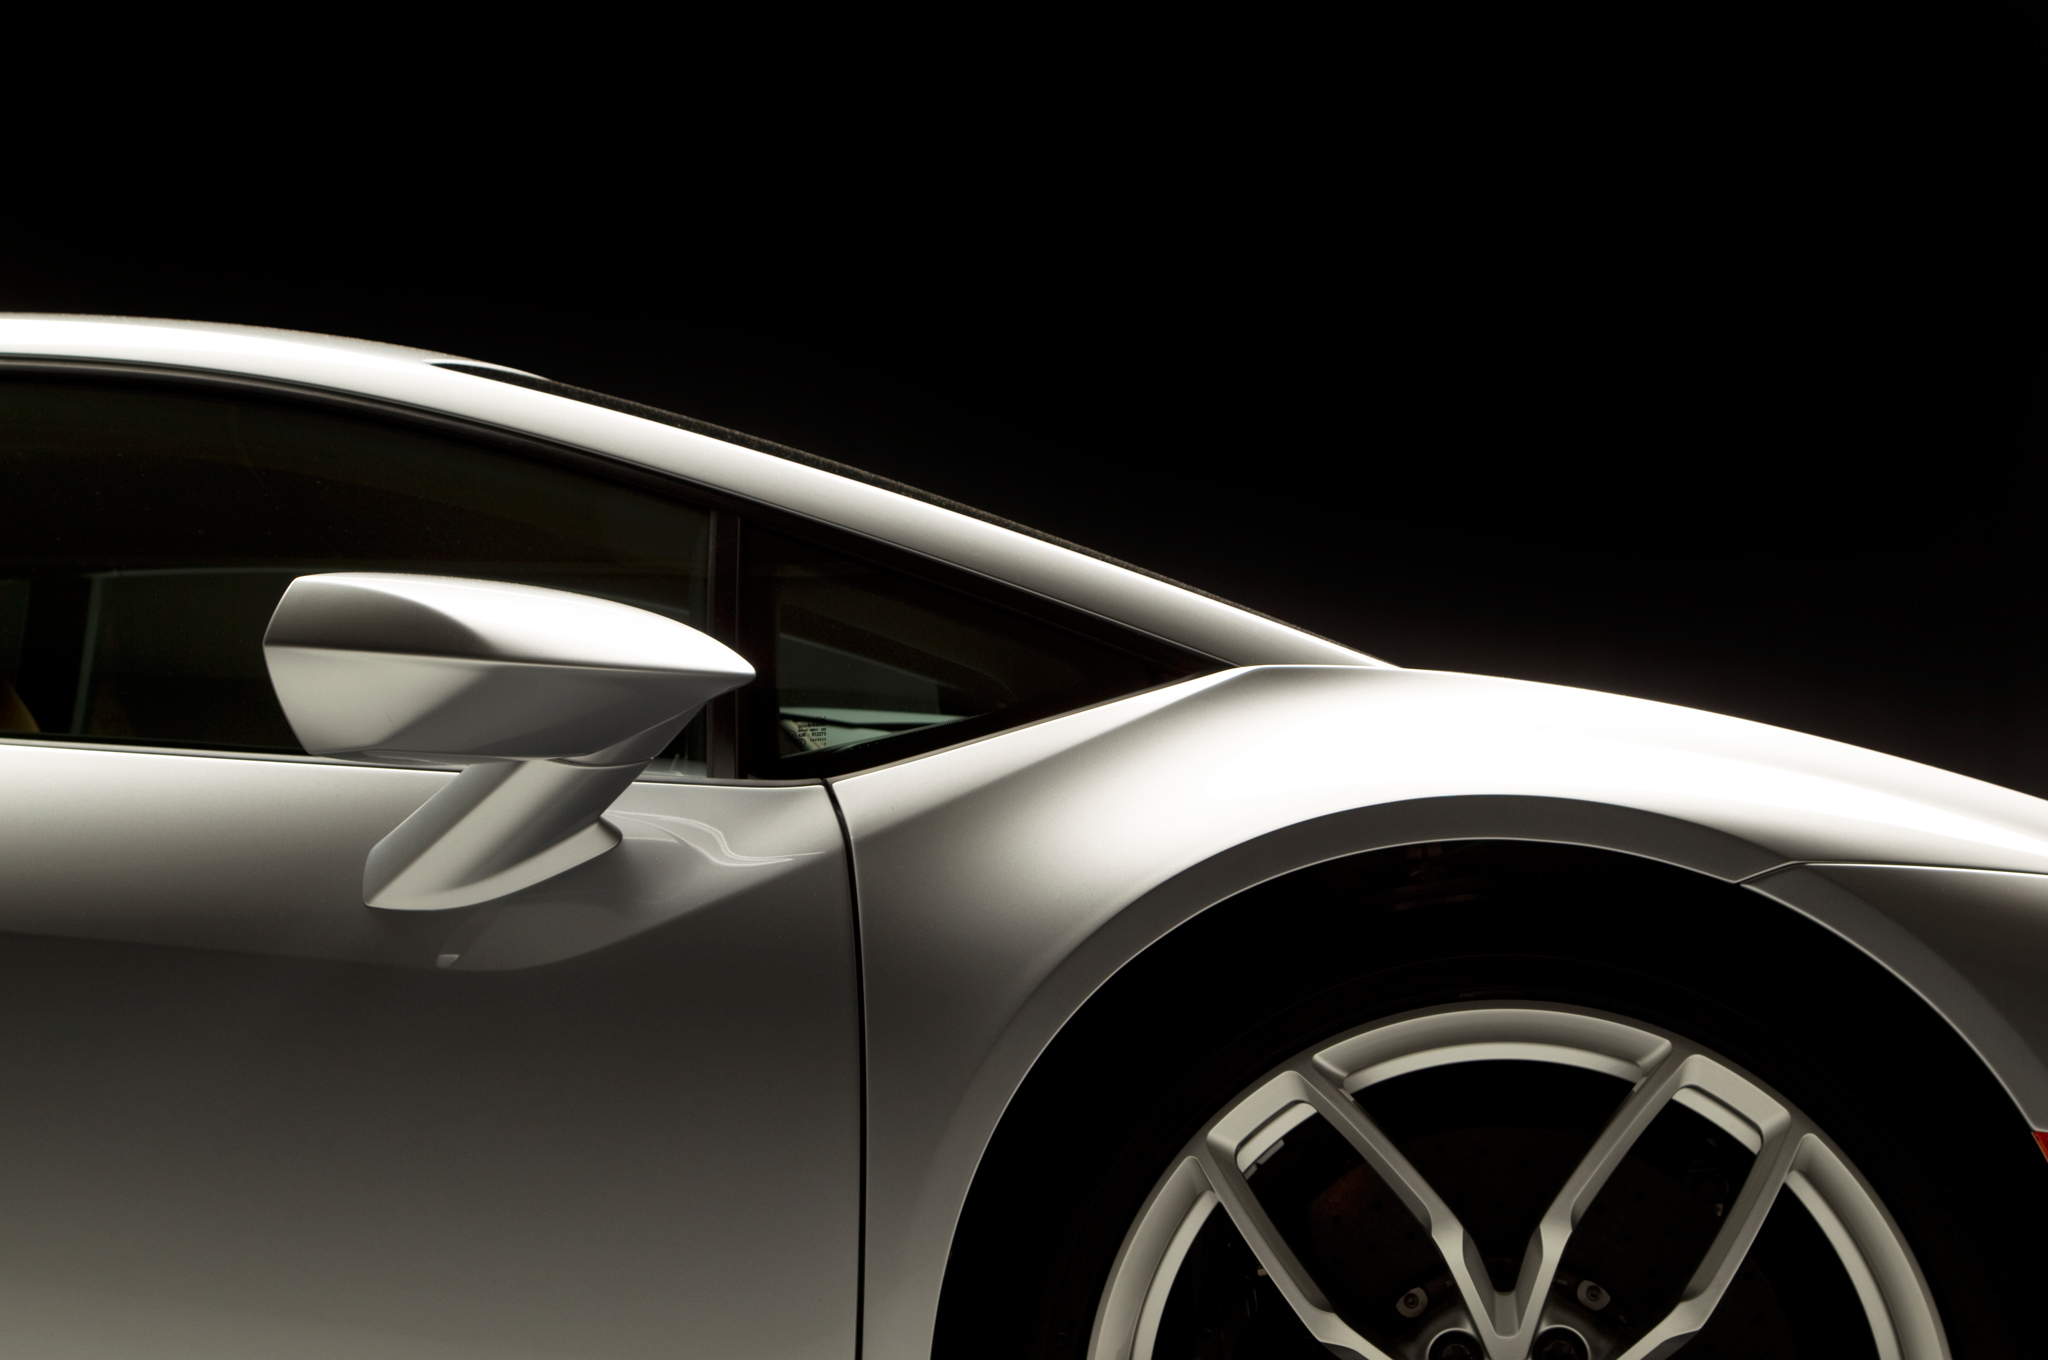 http—image.motortrend.com-f-roadtests-exotic-1312_2015_lamborghini_huracan_first_look-59412179-2015-Lamborghini-Huracan-side-panel-02